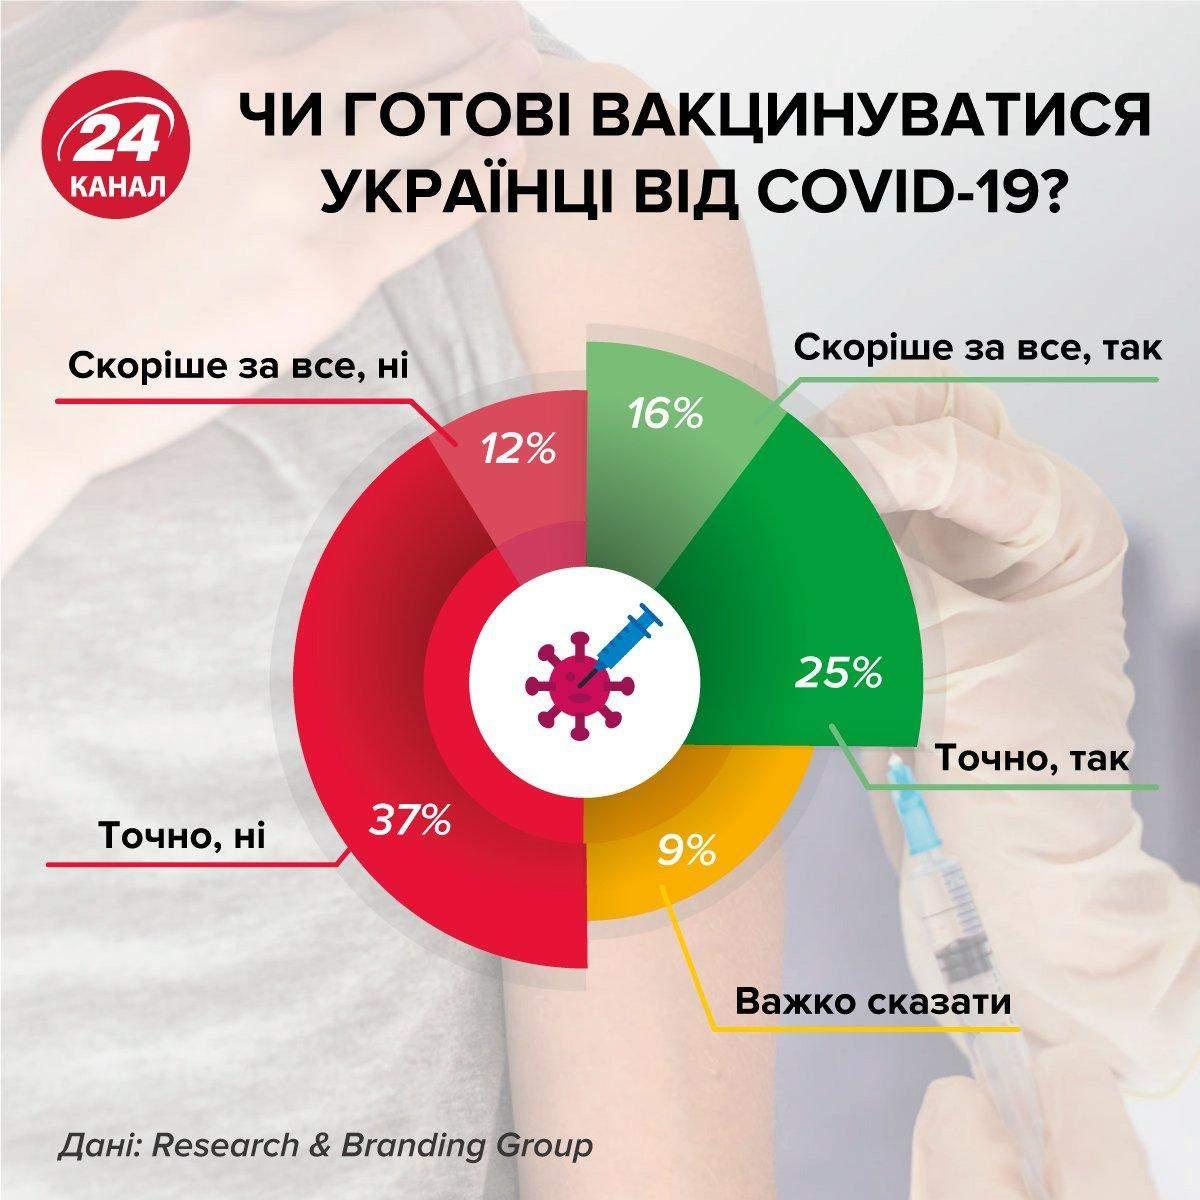 Вакцина, коронавирус, COVID-19, как украинцы относятся к вакцинации против коронавируса, готовы ли украинцы вакцинироваться от COVID-19